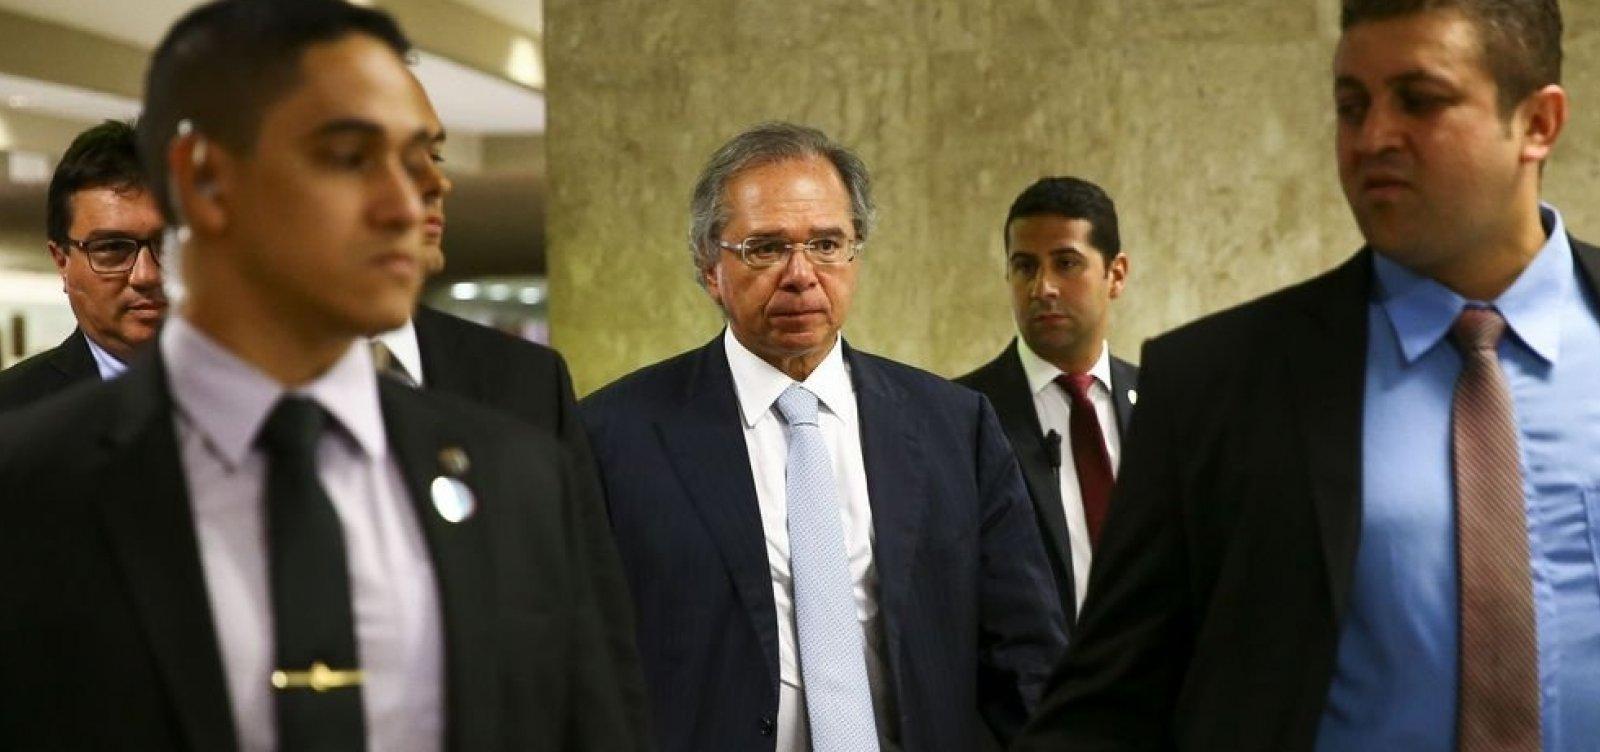 'Rico capitaliza recursos, pobre consome tudo', diz Paulo Guedes